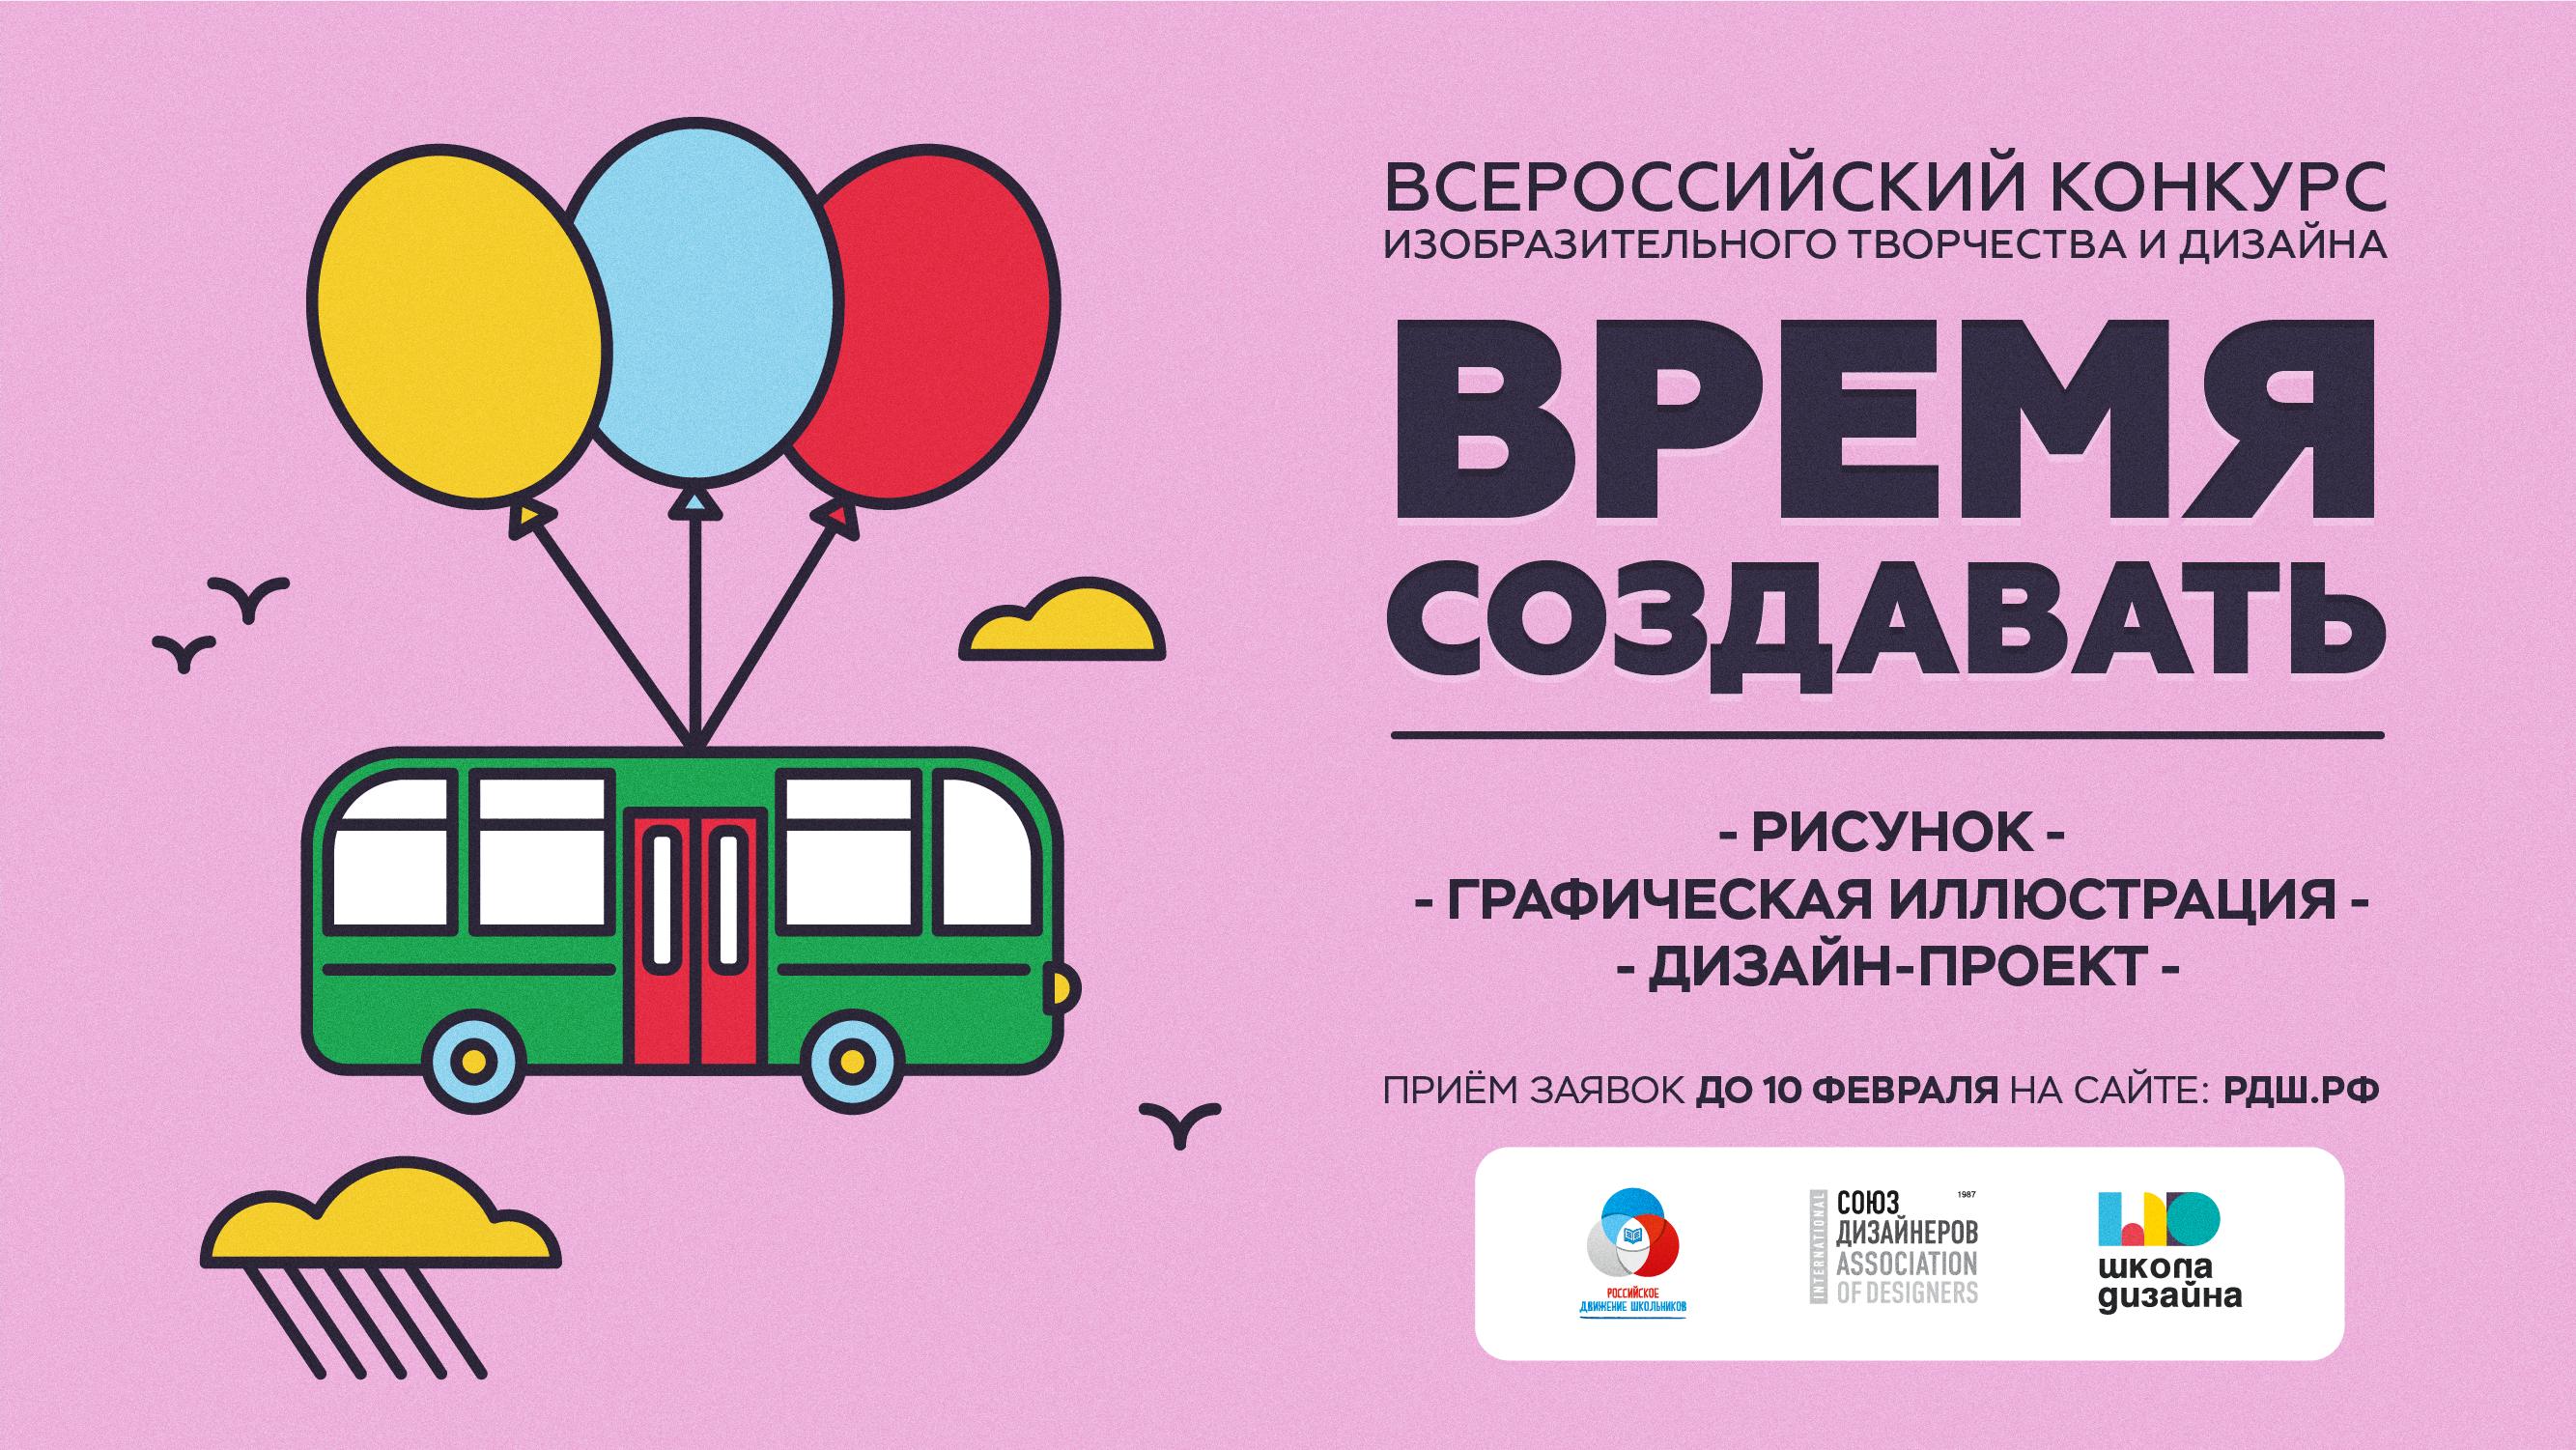 Всероссийский конкурс изобразительного творчества и дизайна «Время создавать»